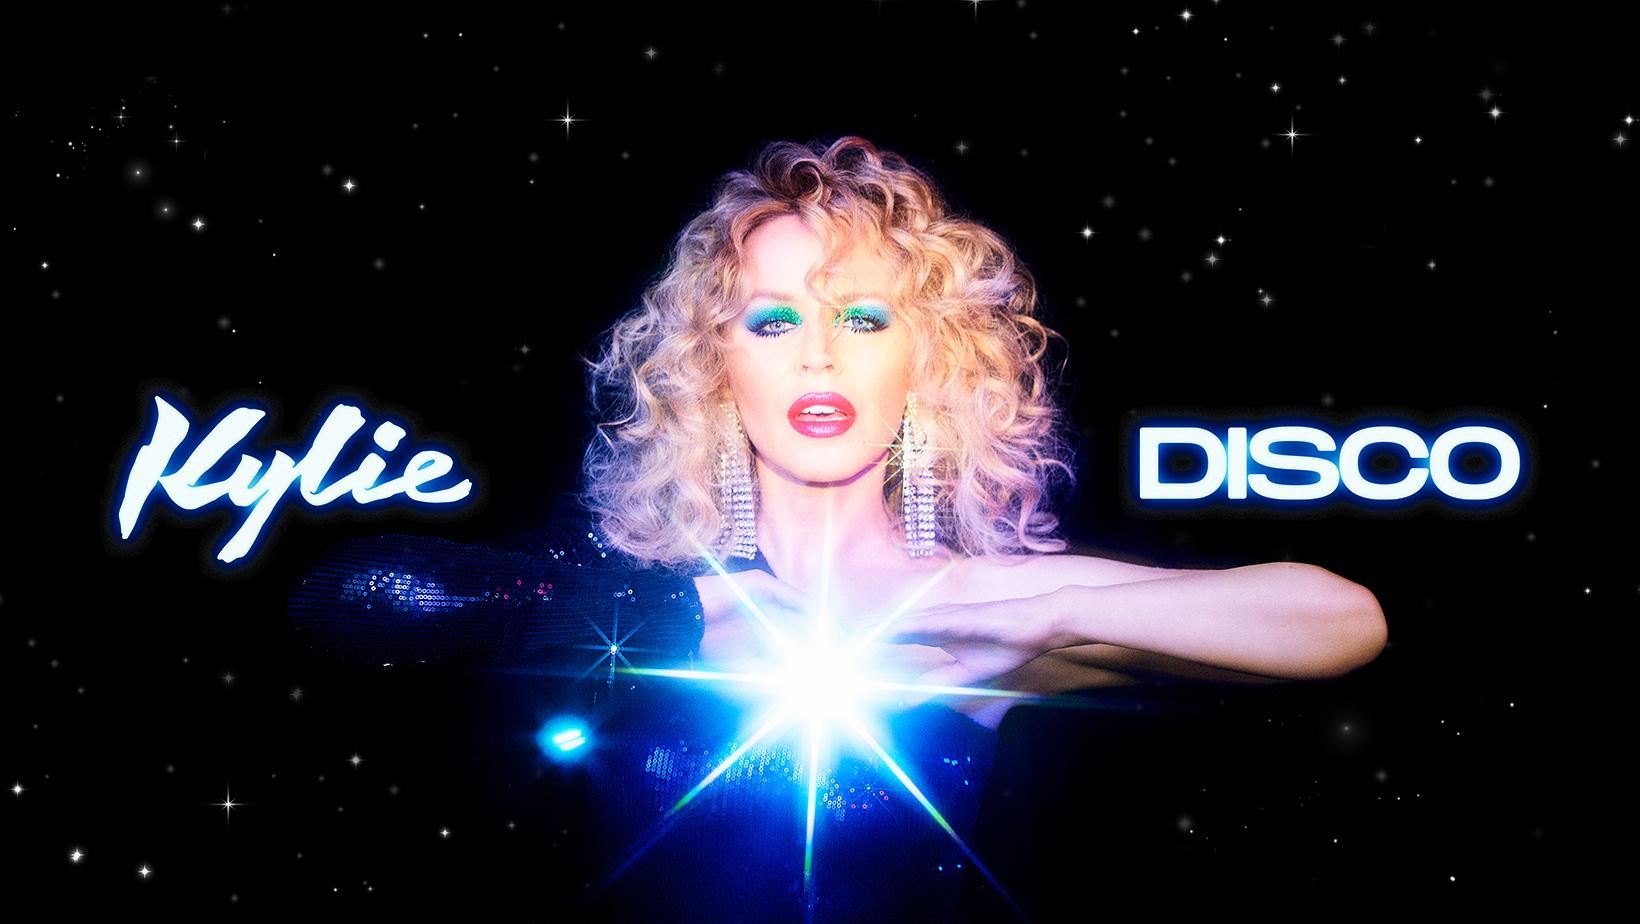 Disco kylie minogue